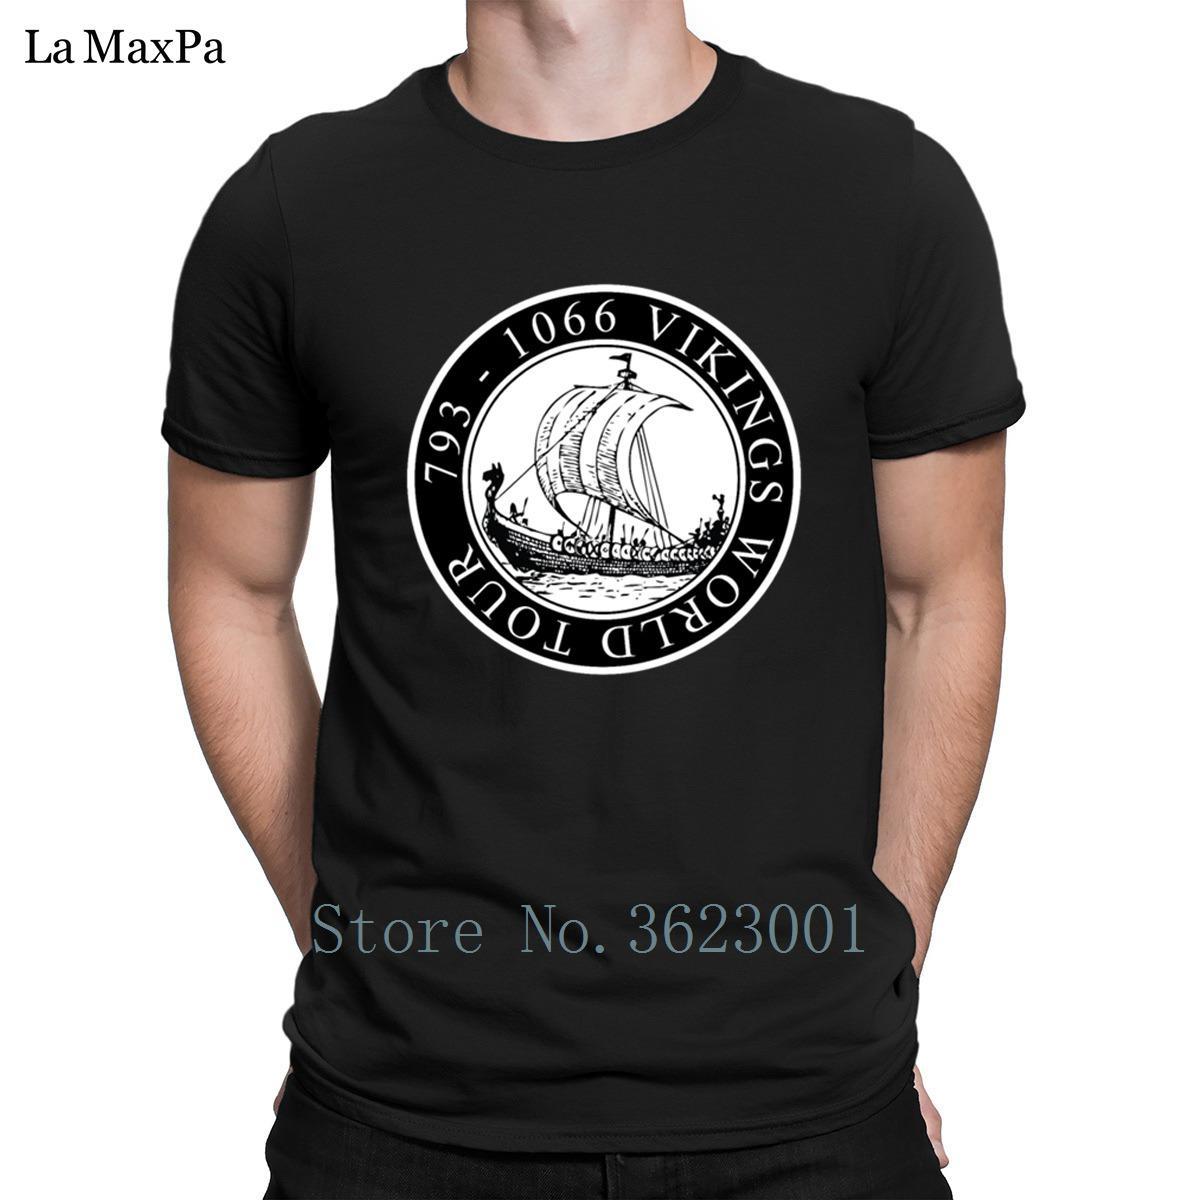 Compre Impressão Magro Dos Homens T Shirt Roupas Vikings World Tour Navio T  Shirt Clássico Quirky Tshirt Homem Tripulação Pescoço Camiseta Hiphop Top  De ... 42c48f287dc87